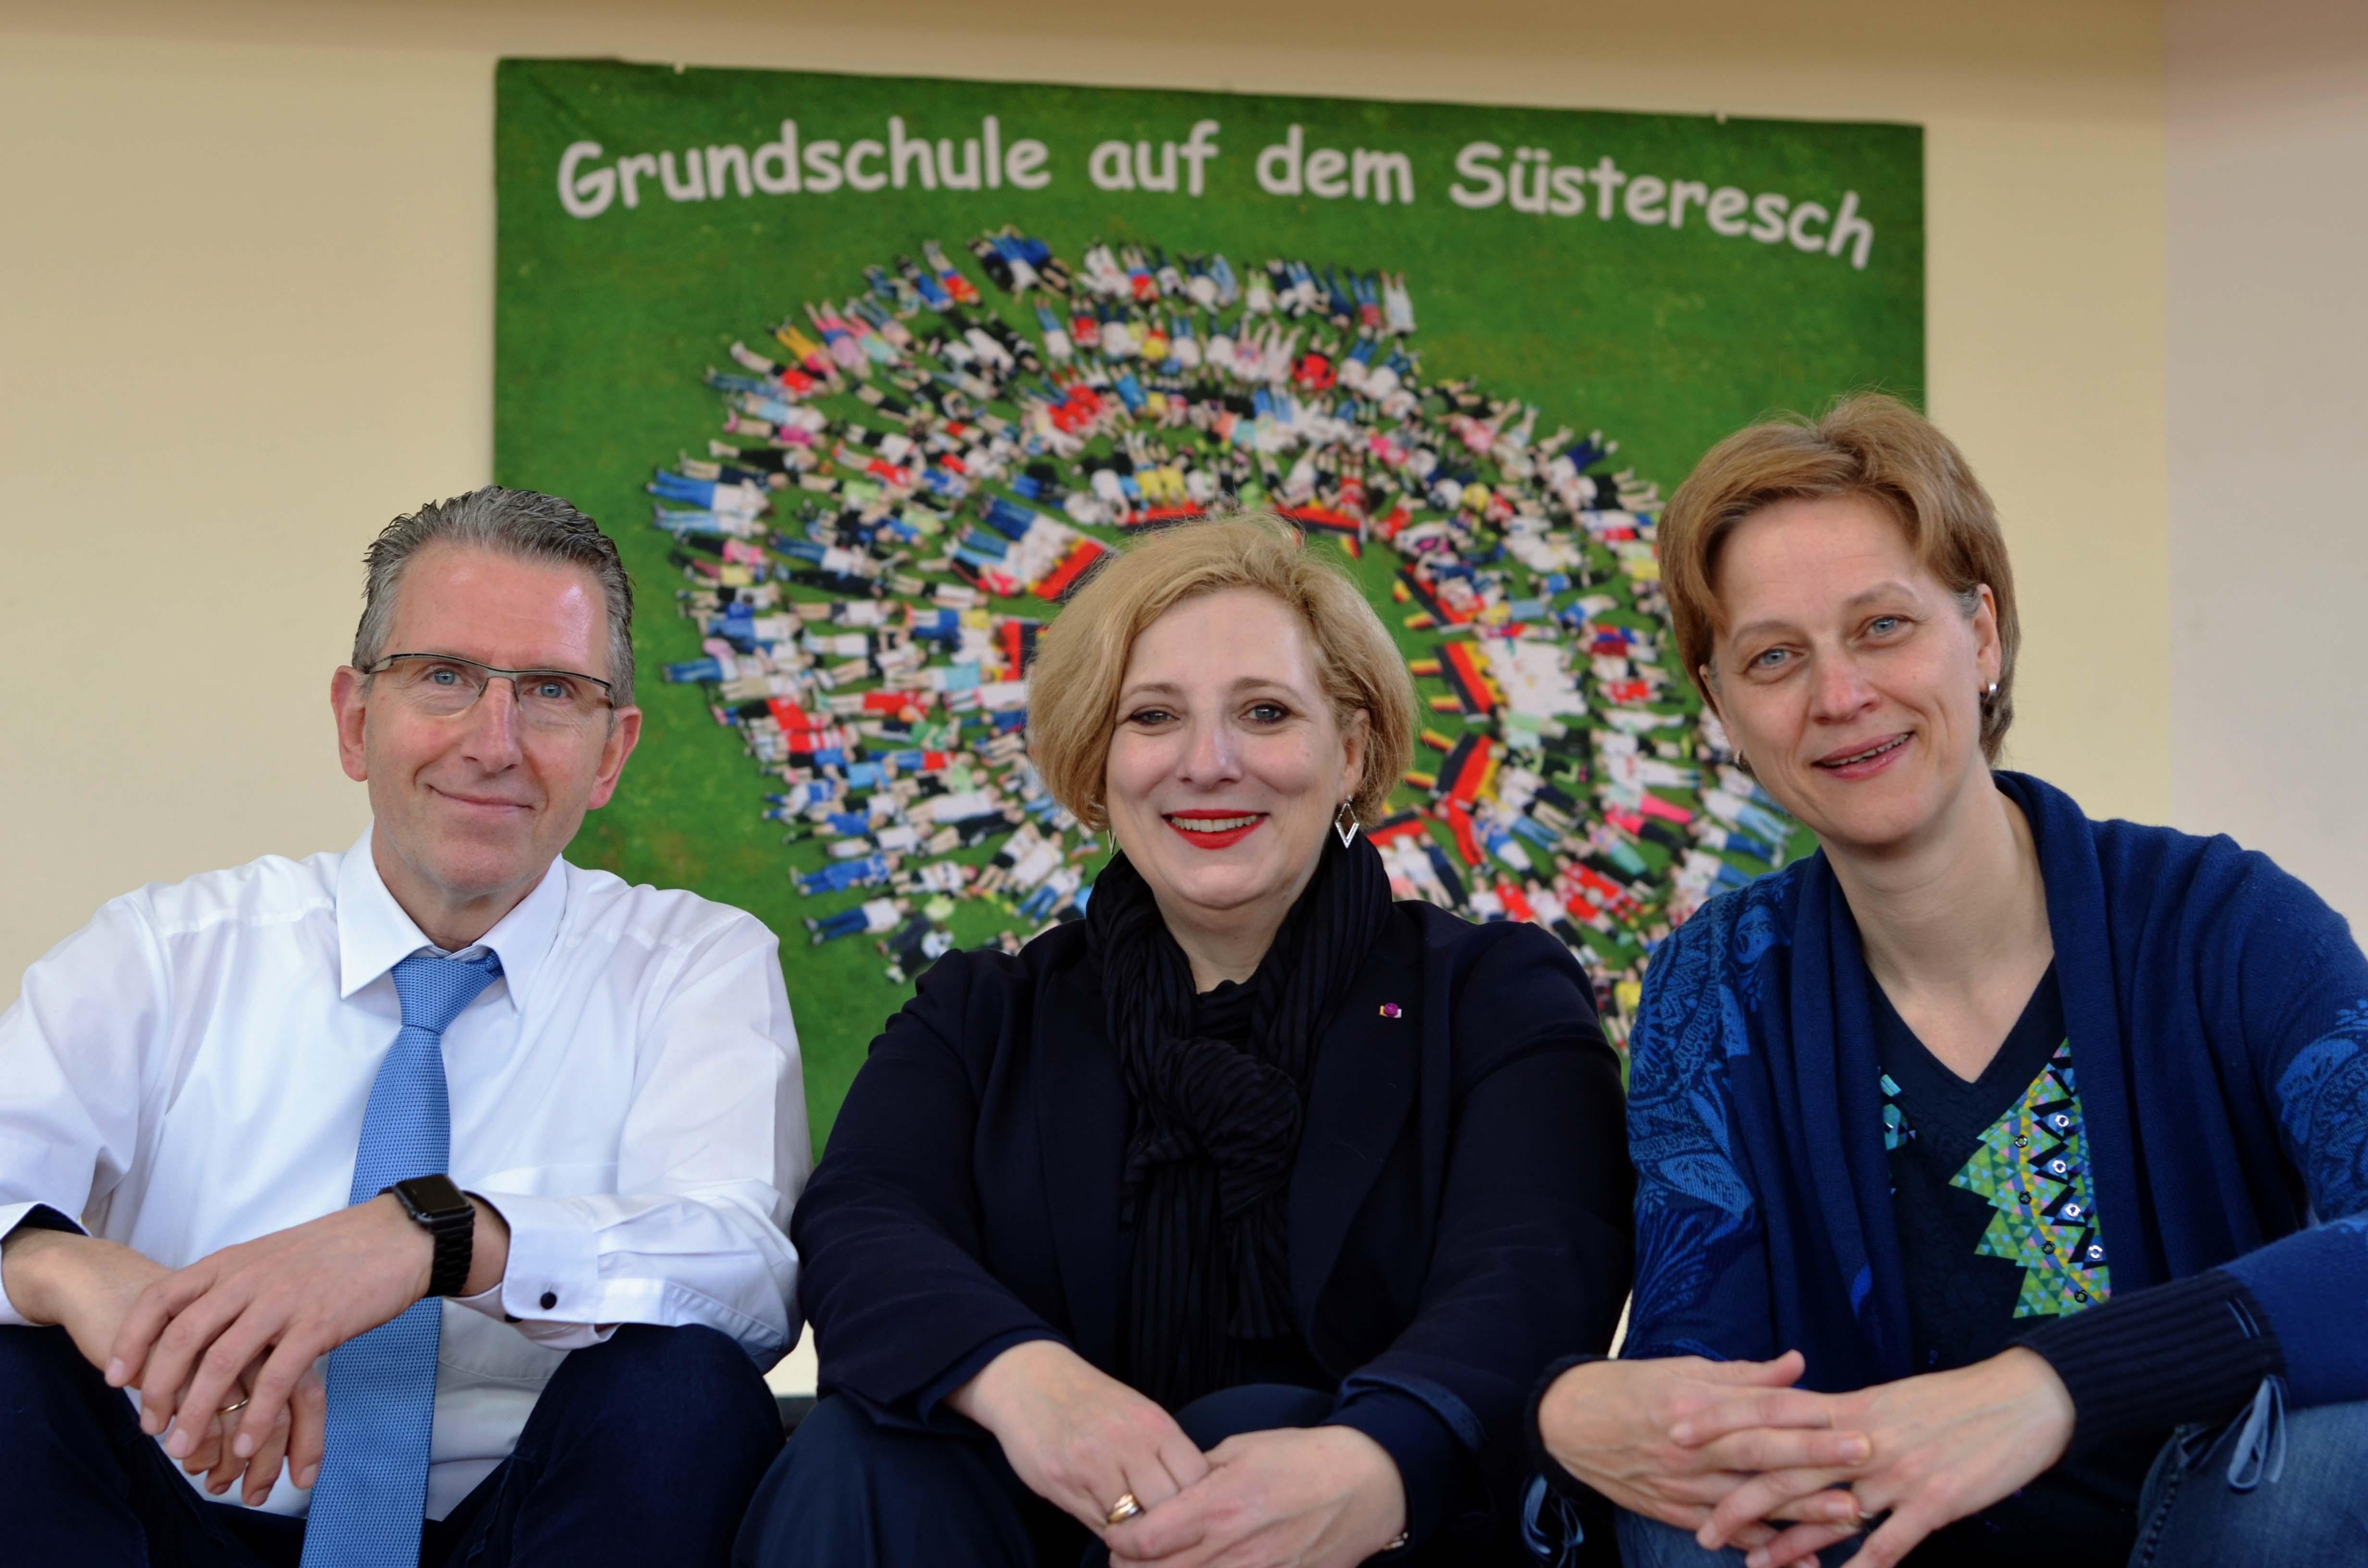 V.l.n.r. - Schulleiter Heinrich Brinker, Dr. Daniela De Ridder, Heike Draber